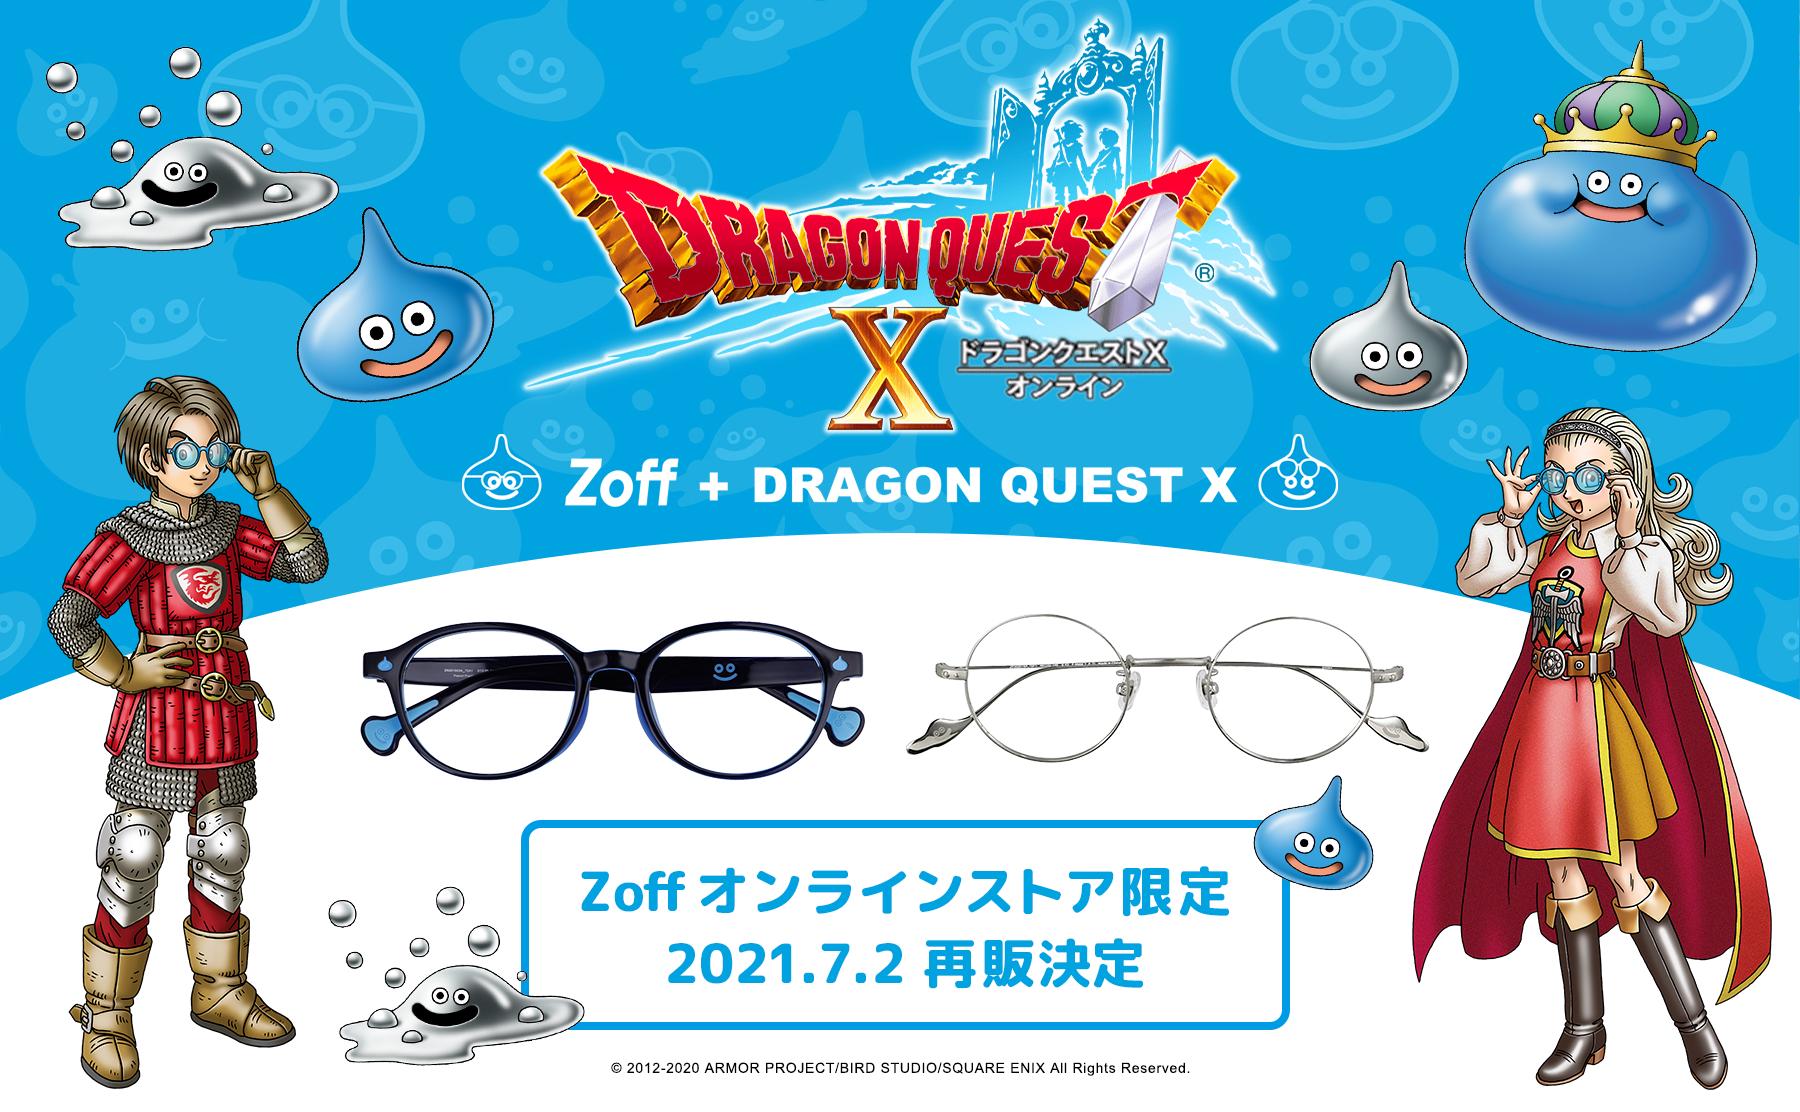 「ドラゴンクエストX オンライン」とのコラボアイウェアが再販決定!